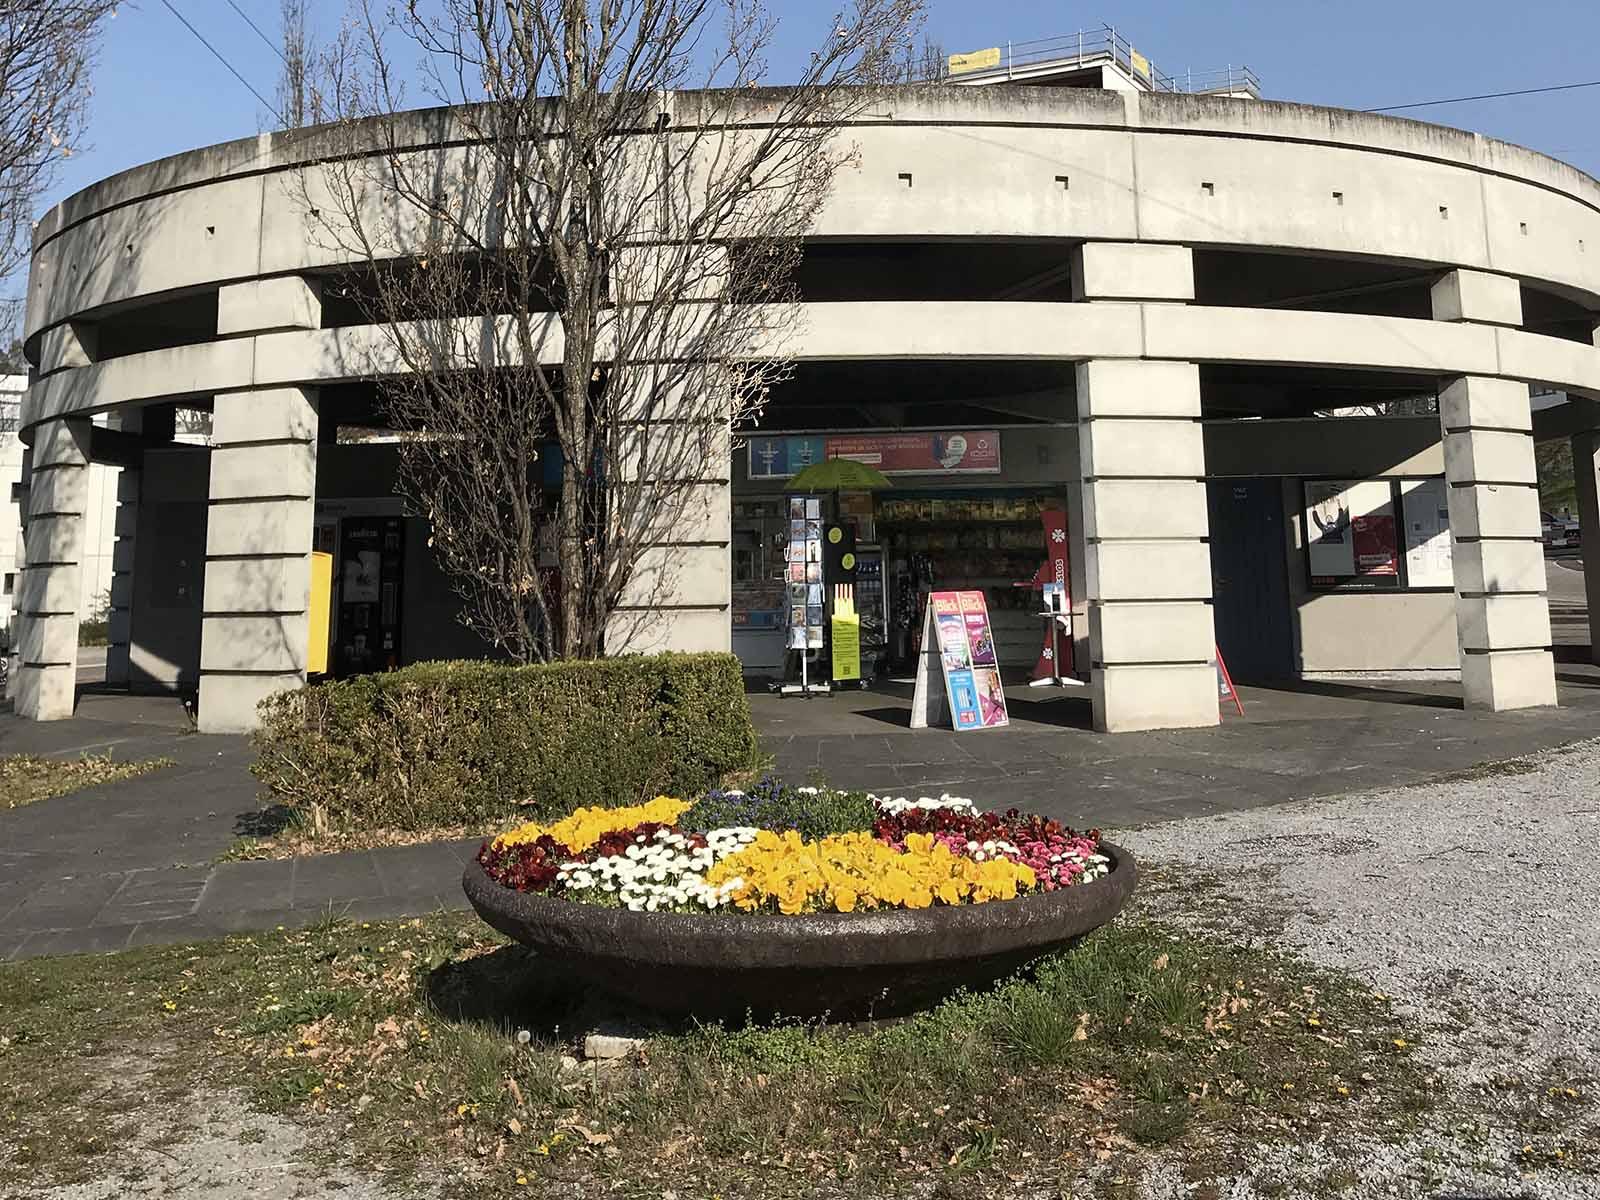 Wieder offen: Der Kiosk an der Endhaltestelle Frankental bekam die Auswirkungen der Corona-Massnahmen zu spüren.